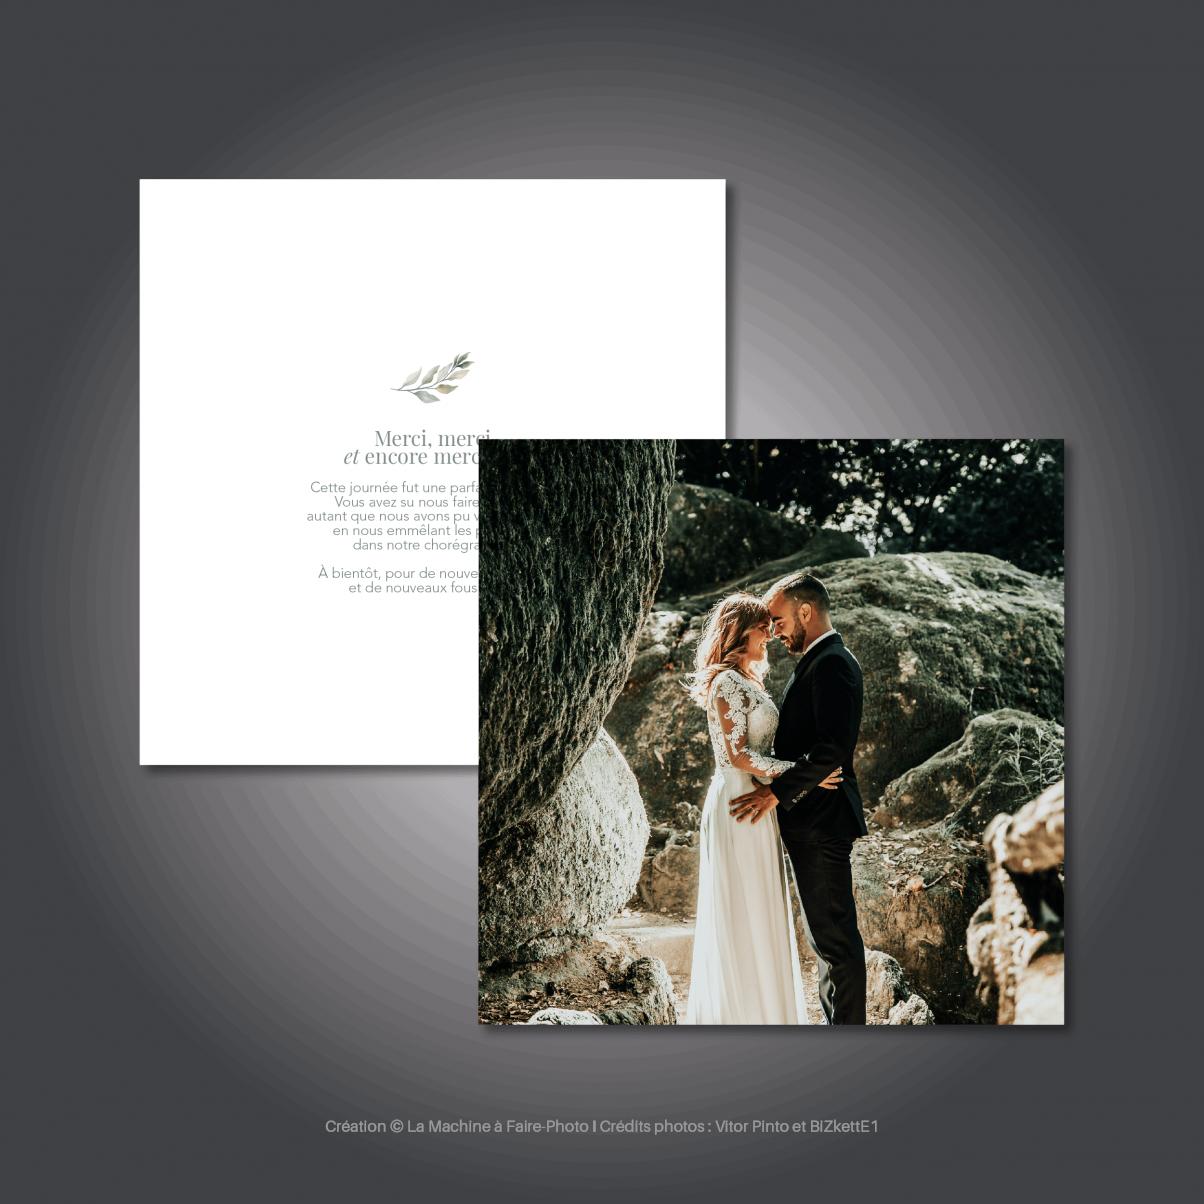 Le carton de remerciements mariage de Solène & Hippolyte